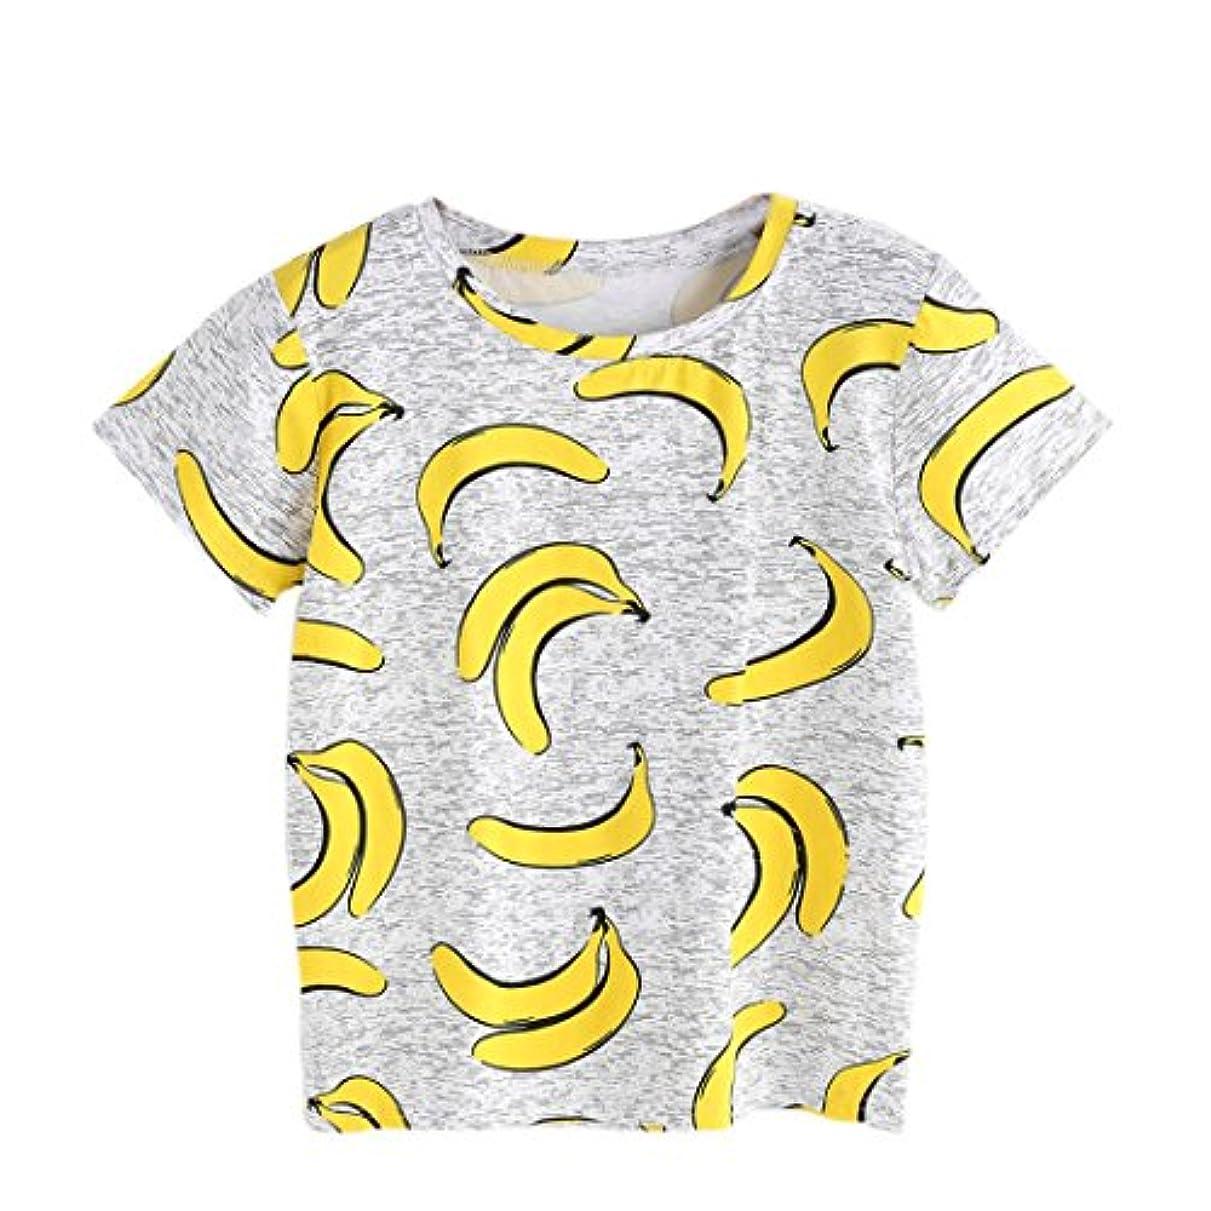 厳しいマニアック見せますzty66レディース夏半袖ブルーTシャツトップス、バナナプリント